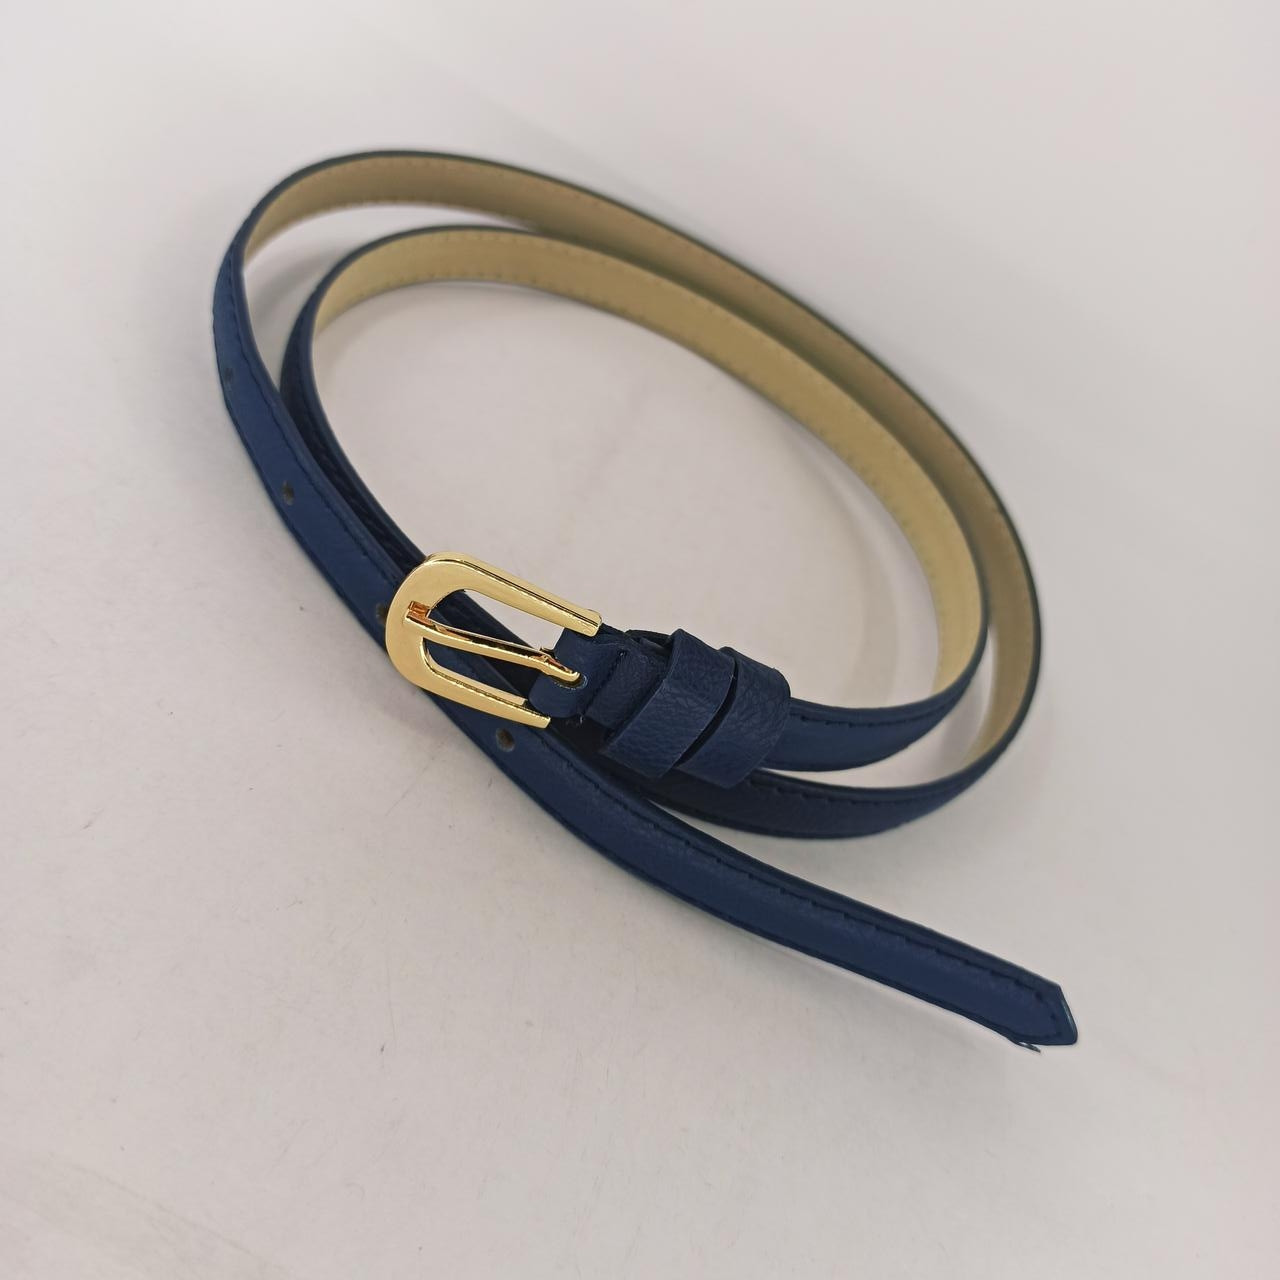 Классический тонкий синий женский ремень 10 мм из качественной искусственной кожи. Модель PW036.